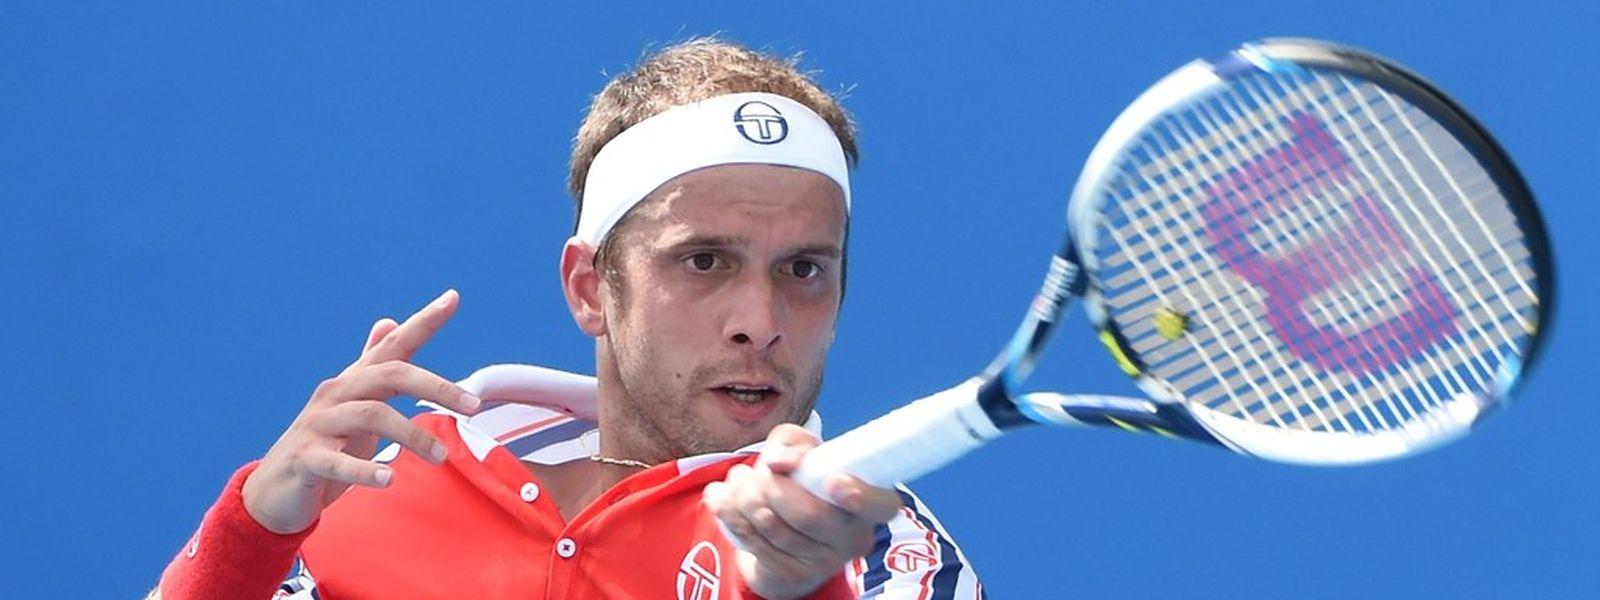 Gilles Muller steht im Viertelfinale.